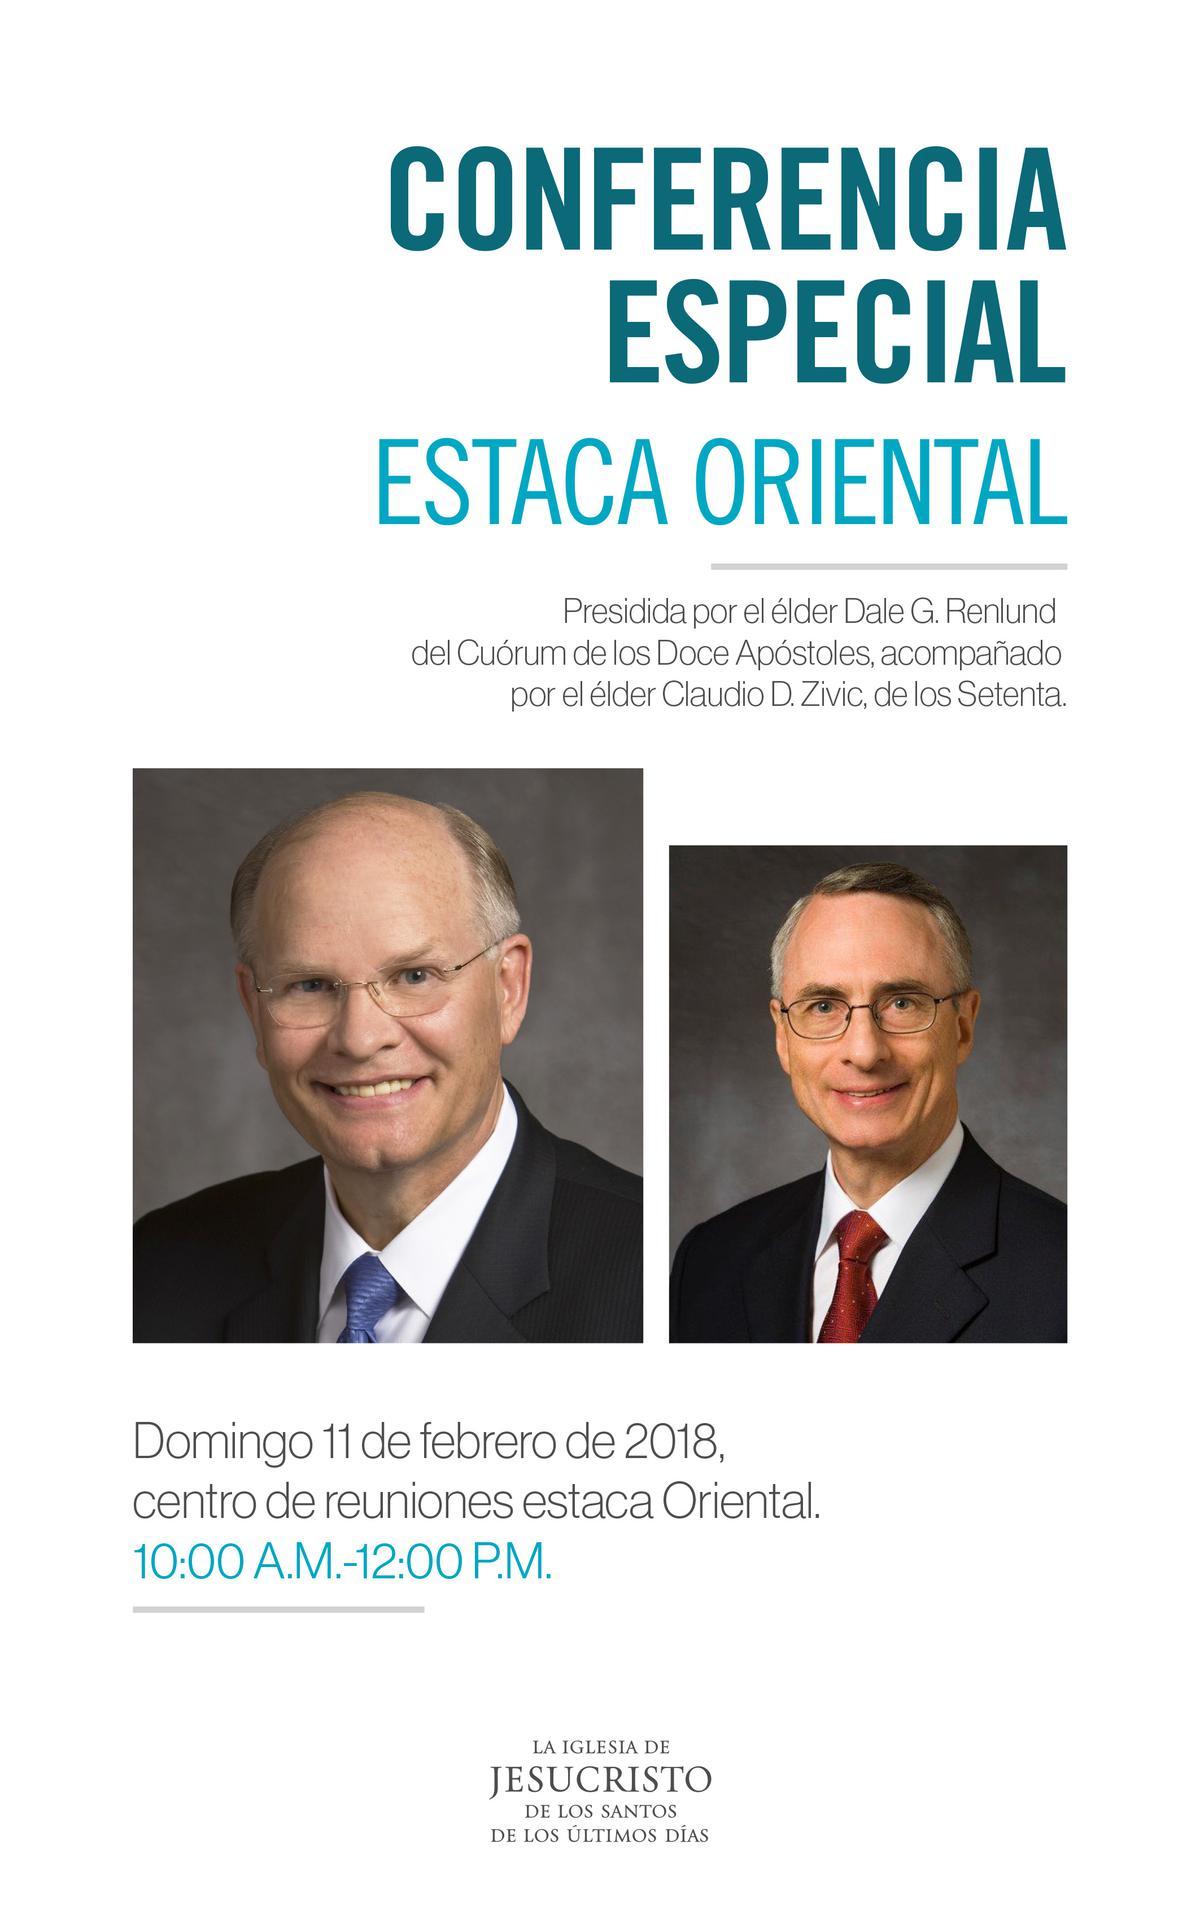 CONFERENCIA ESPECIAL ESTACA ORIENTAL